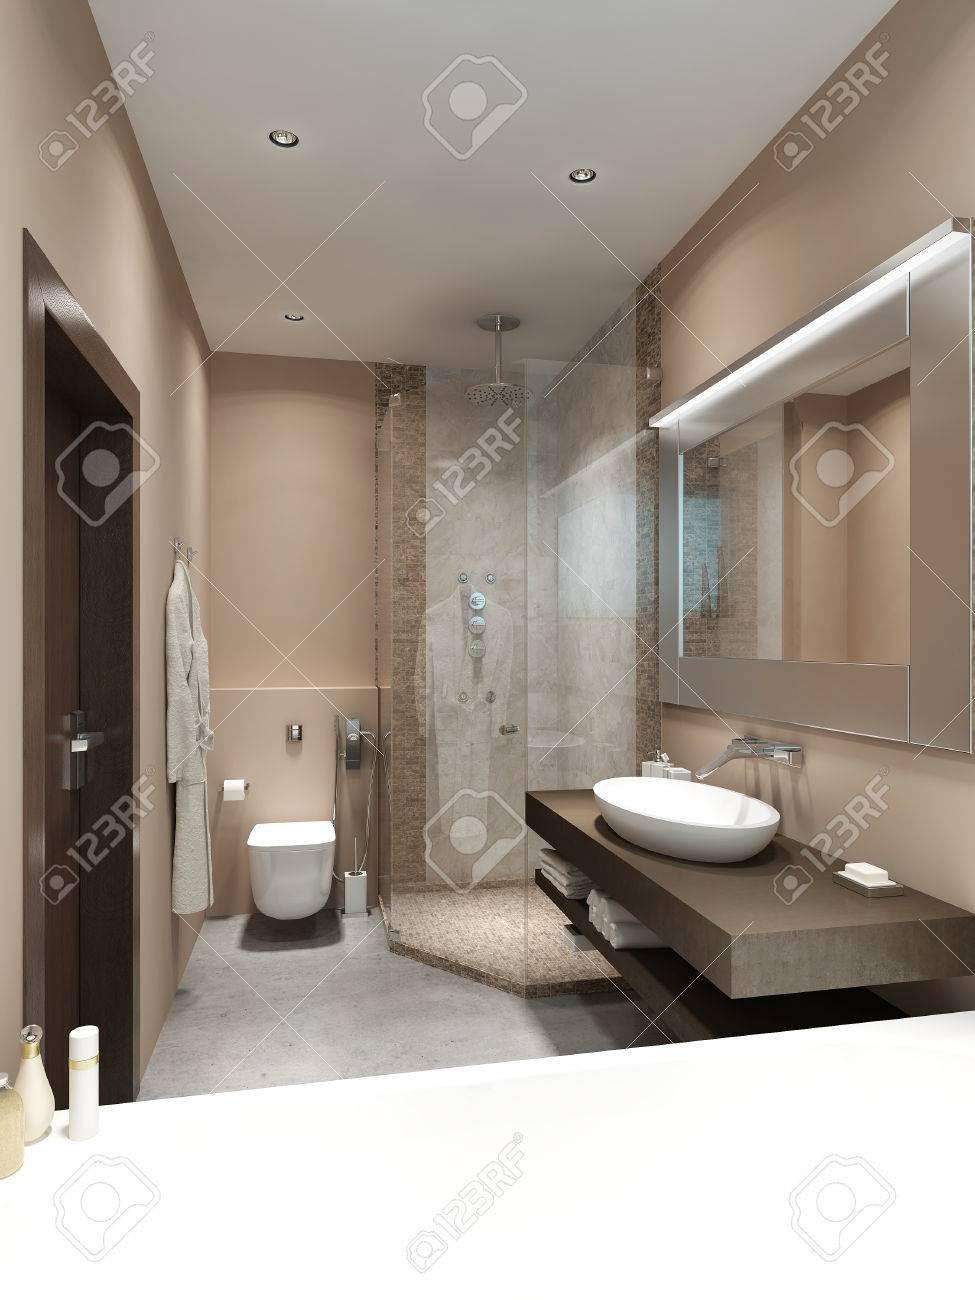 design di bagni in stile contemporaneo. con doccia e mosaico di ... - Bagni Moderni Beige E Marrone